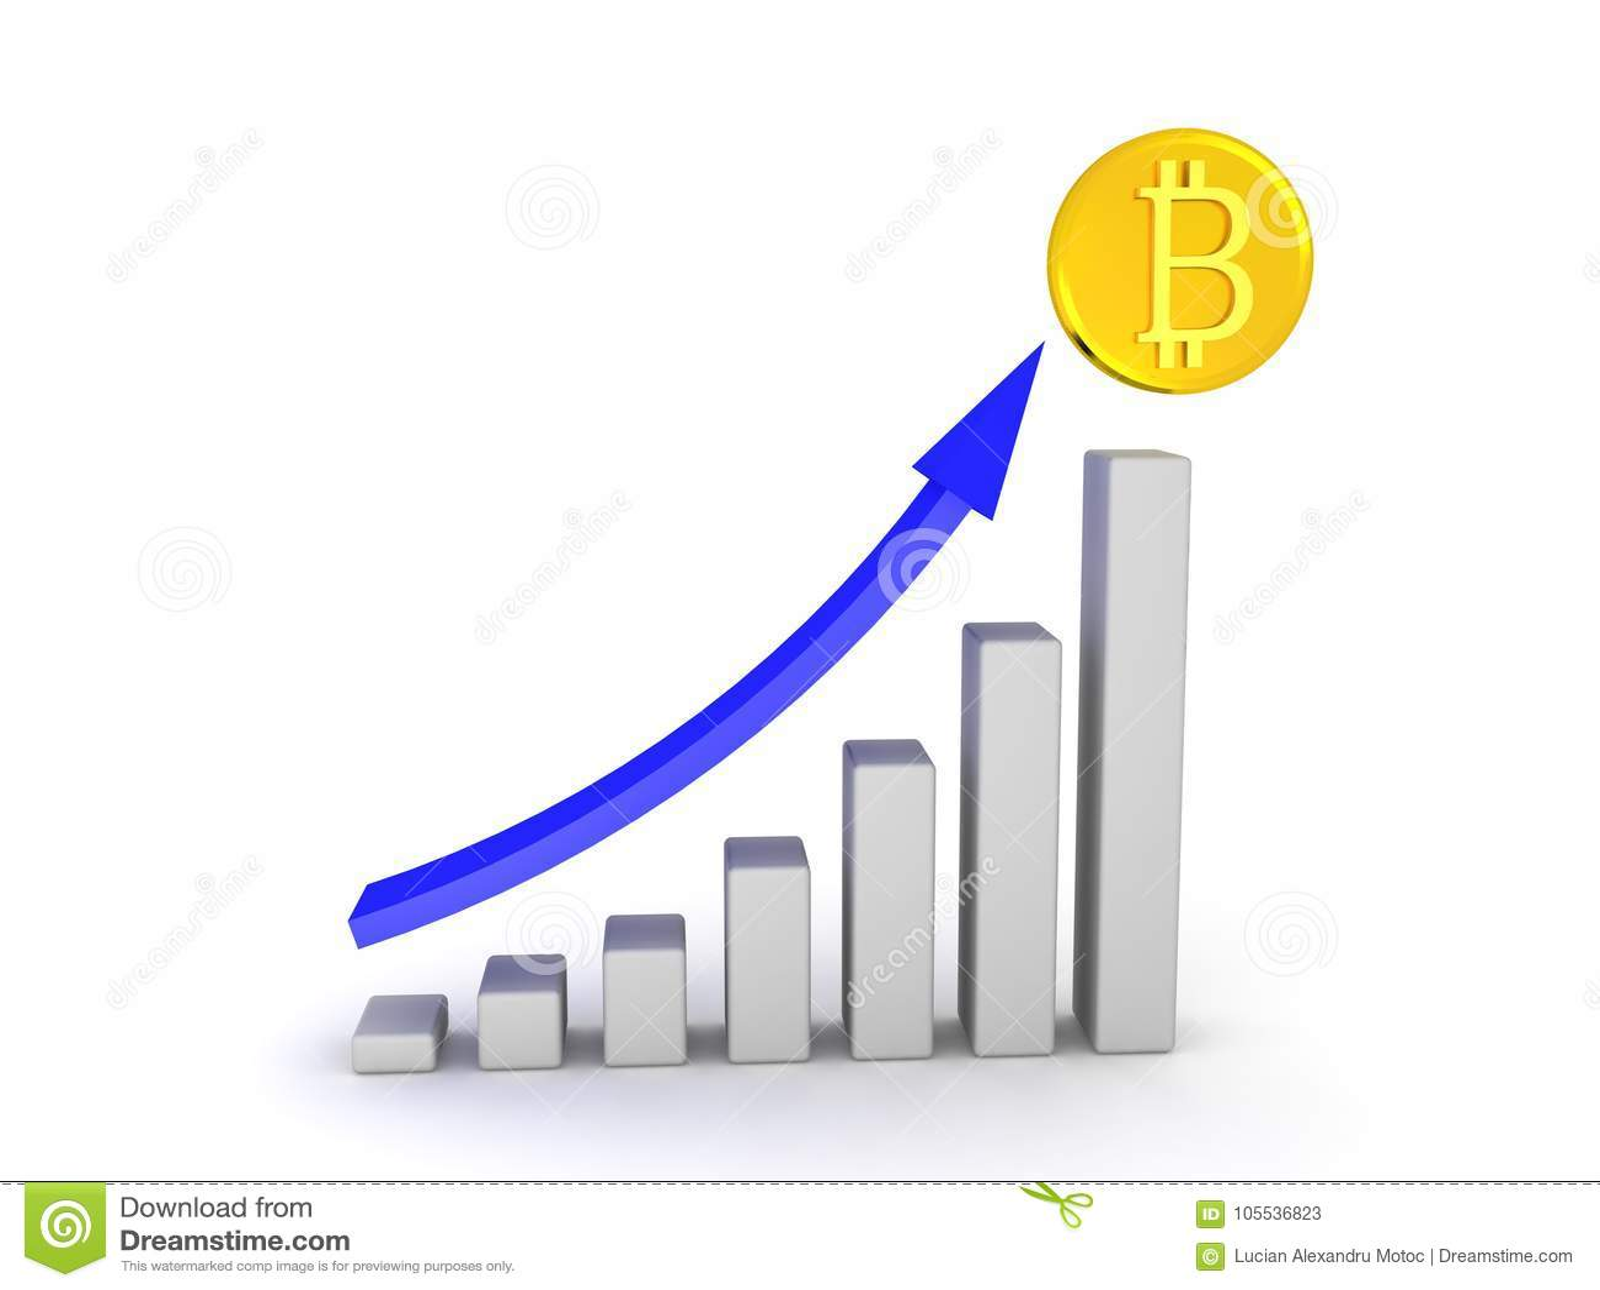 foros de criptomonedas bitcoin crescimento